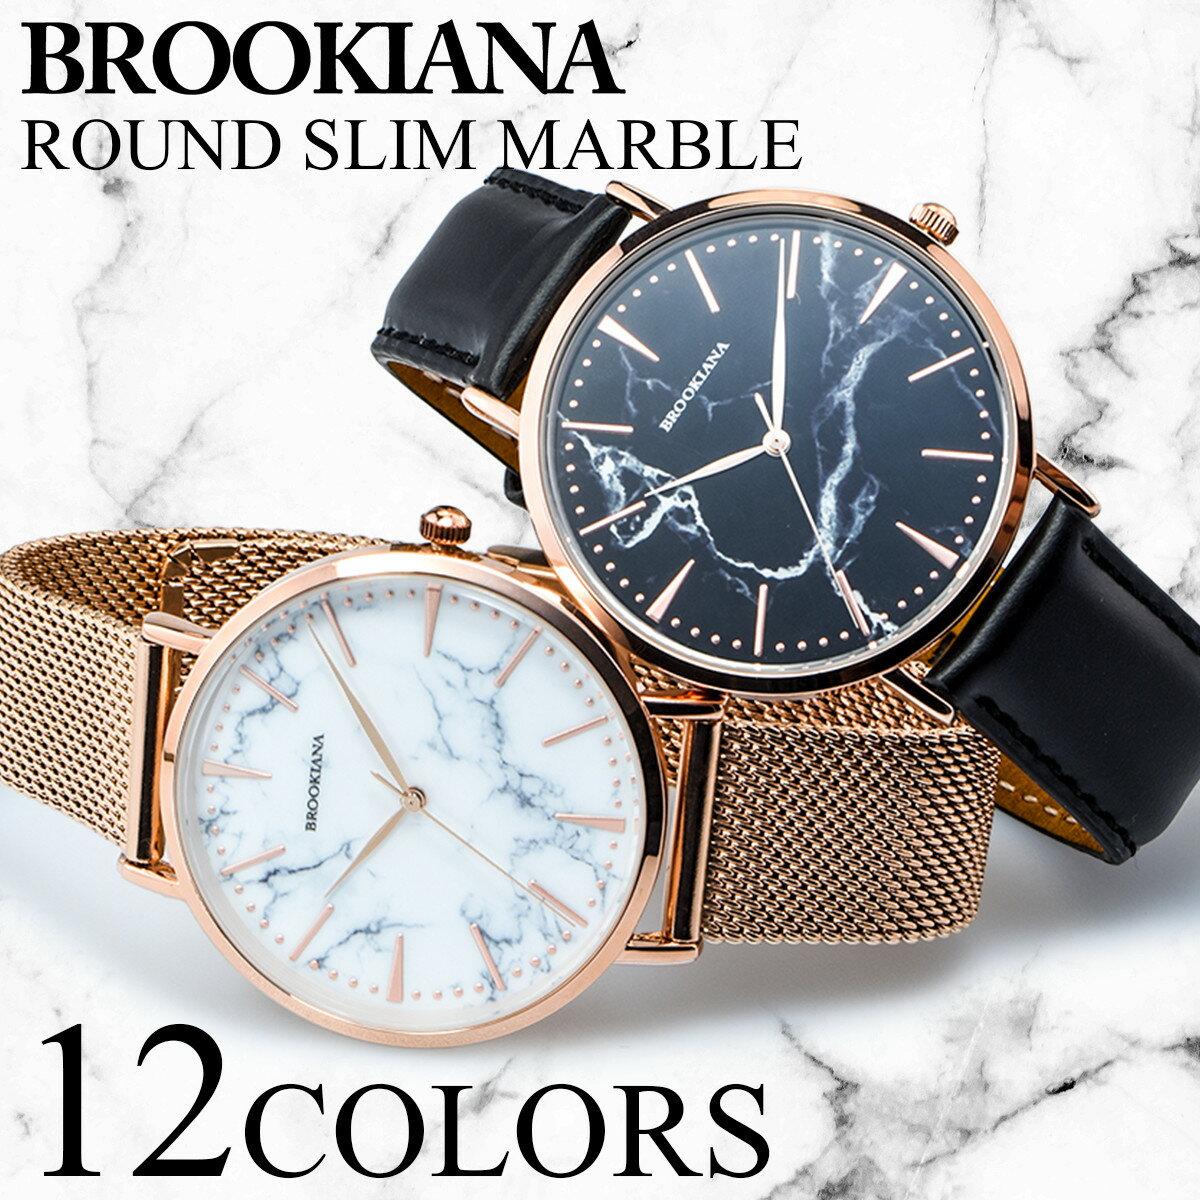 ブルッキアーナ BROOKIANA ROUND ラウンドスリム SLIM マーブル MARBLE 大理石 BA3101 BA3102 メンズ 時計 腕時計 クオーツ